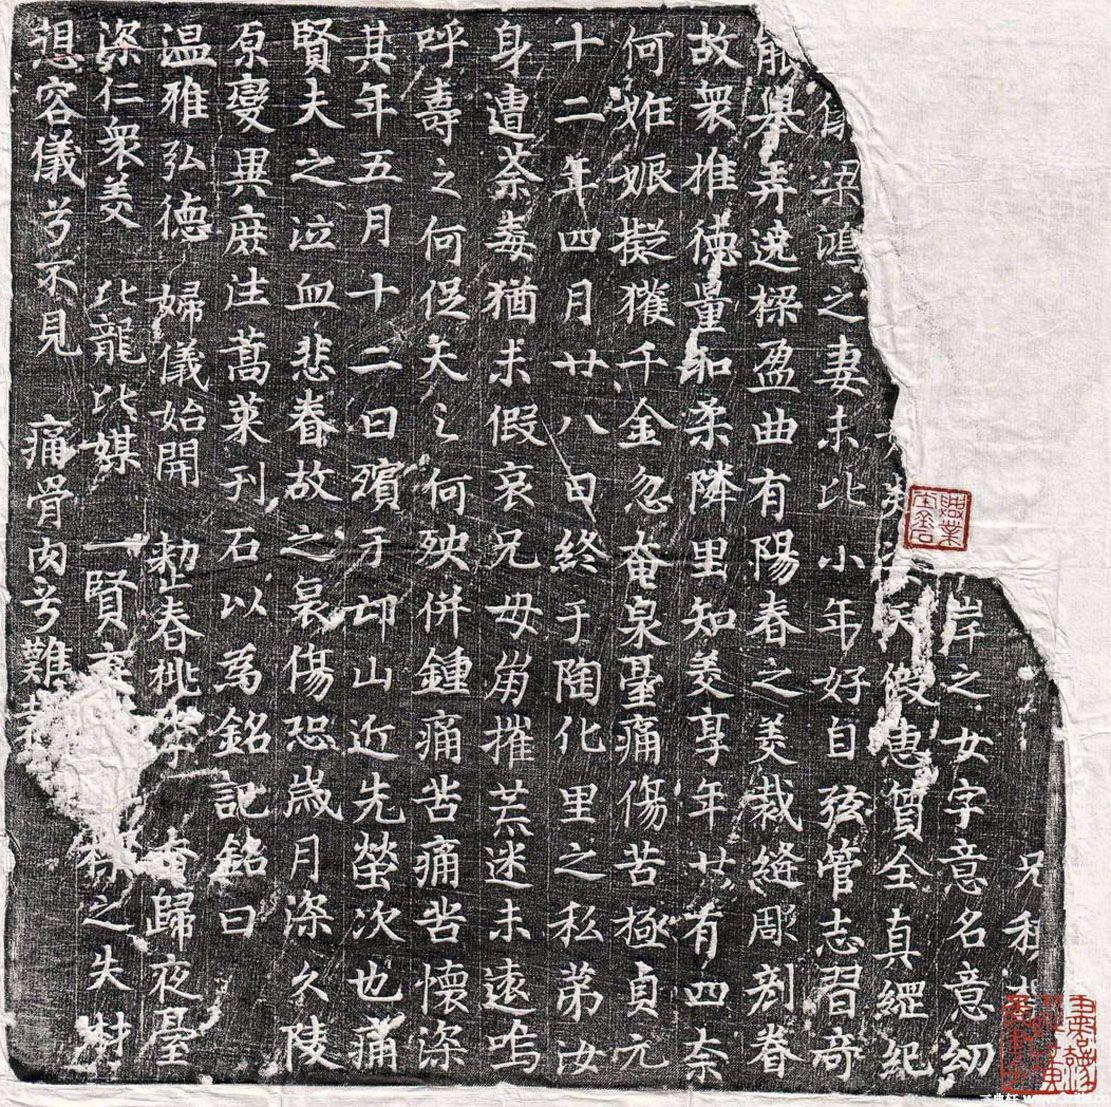 唐代墓志碑文石刻书法《意幼墓志》0001作品欣赏